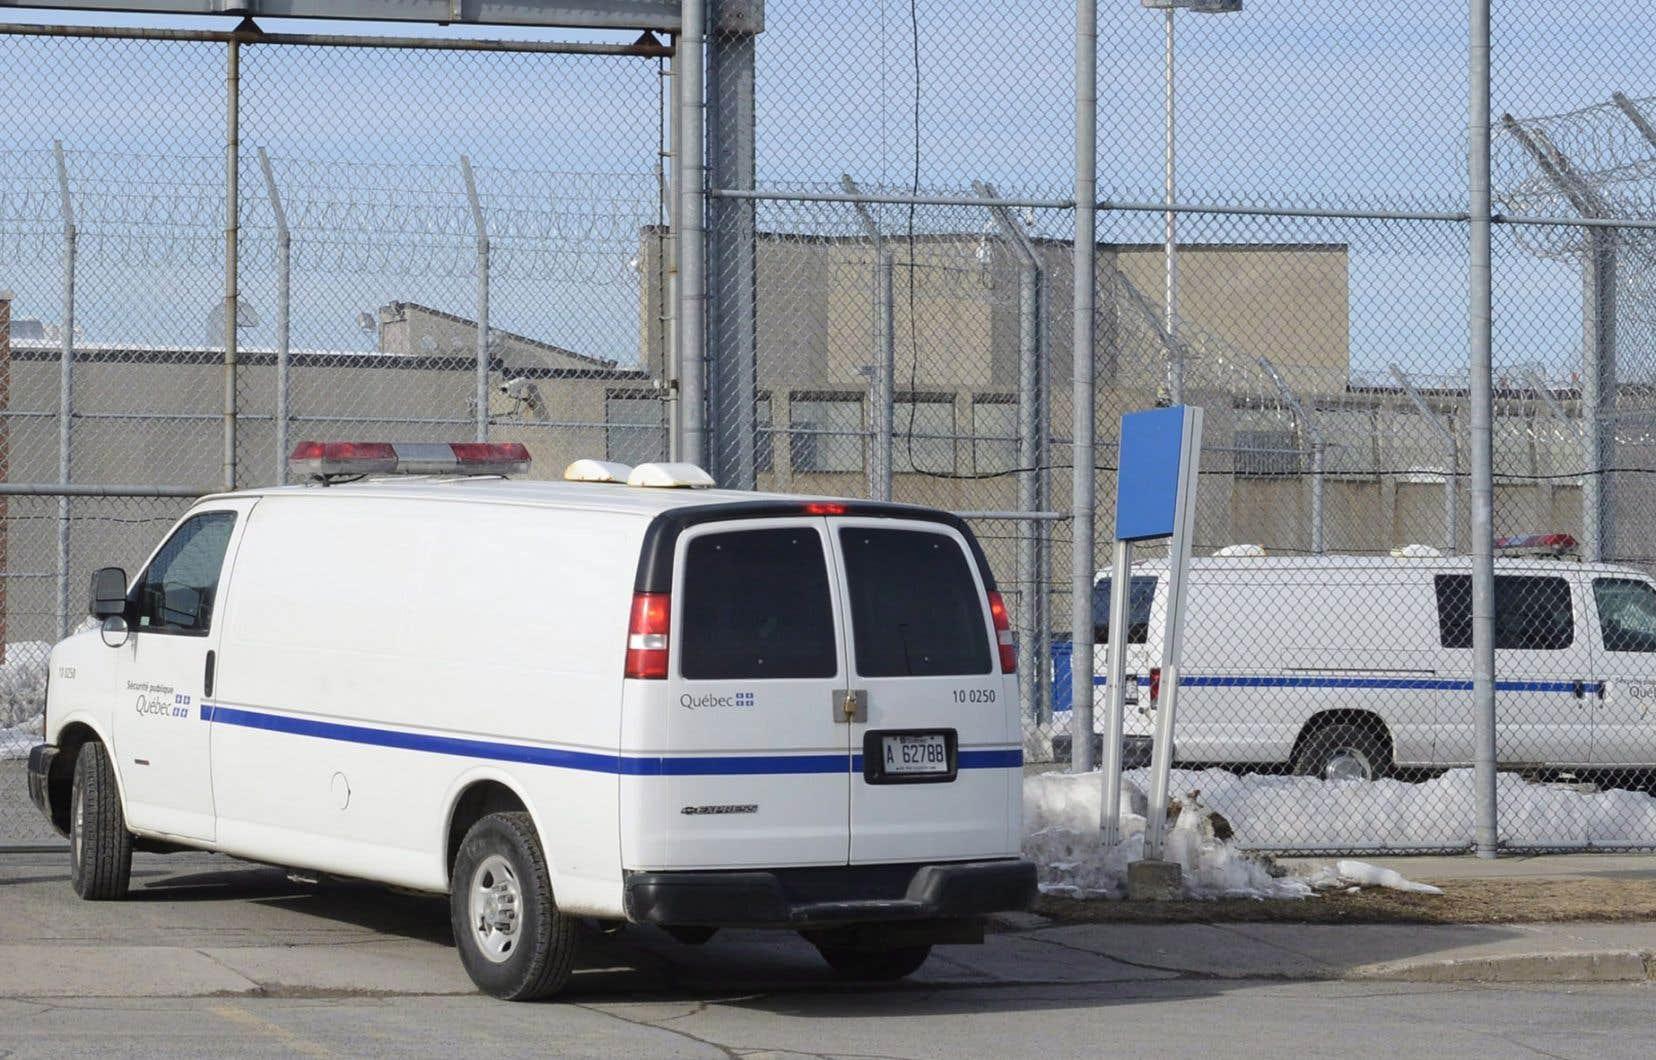 Lorsqu'un détenu est en phase terminale et que son décès est raisonnablement prévisible, il peut demander une libération conditionnelle à titre exceptionnel, même s'il n'y serait pas admissible sinon.